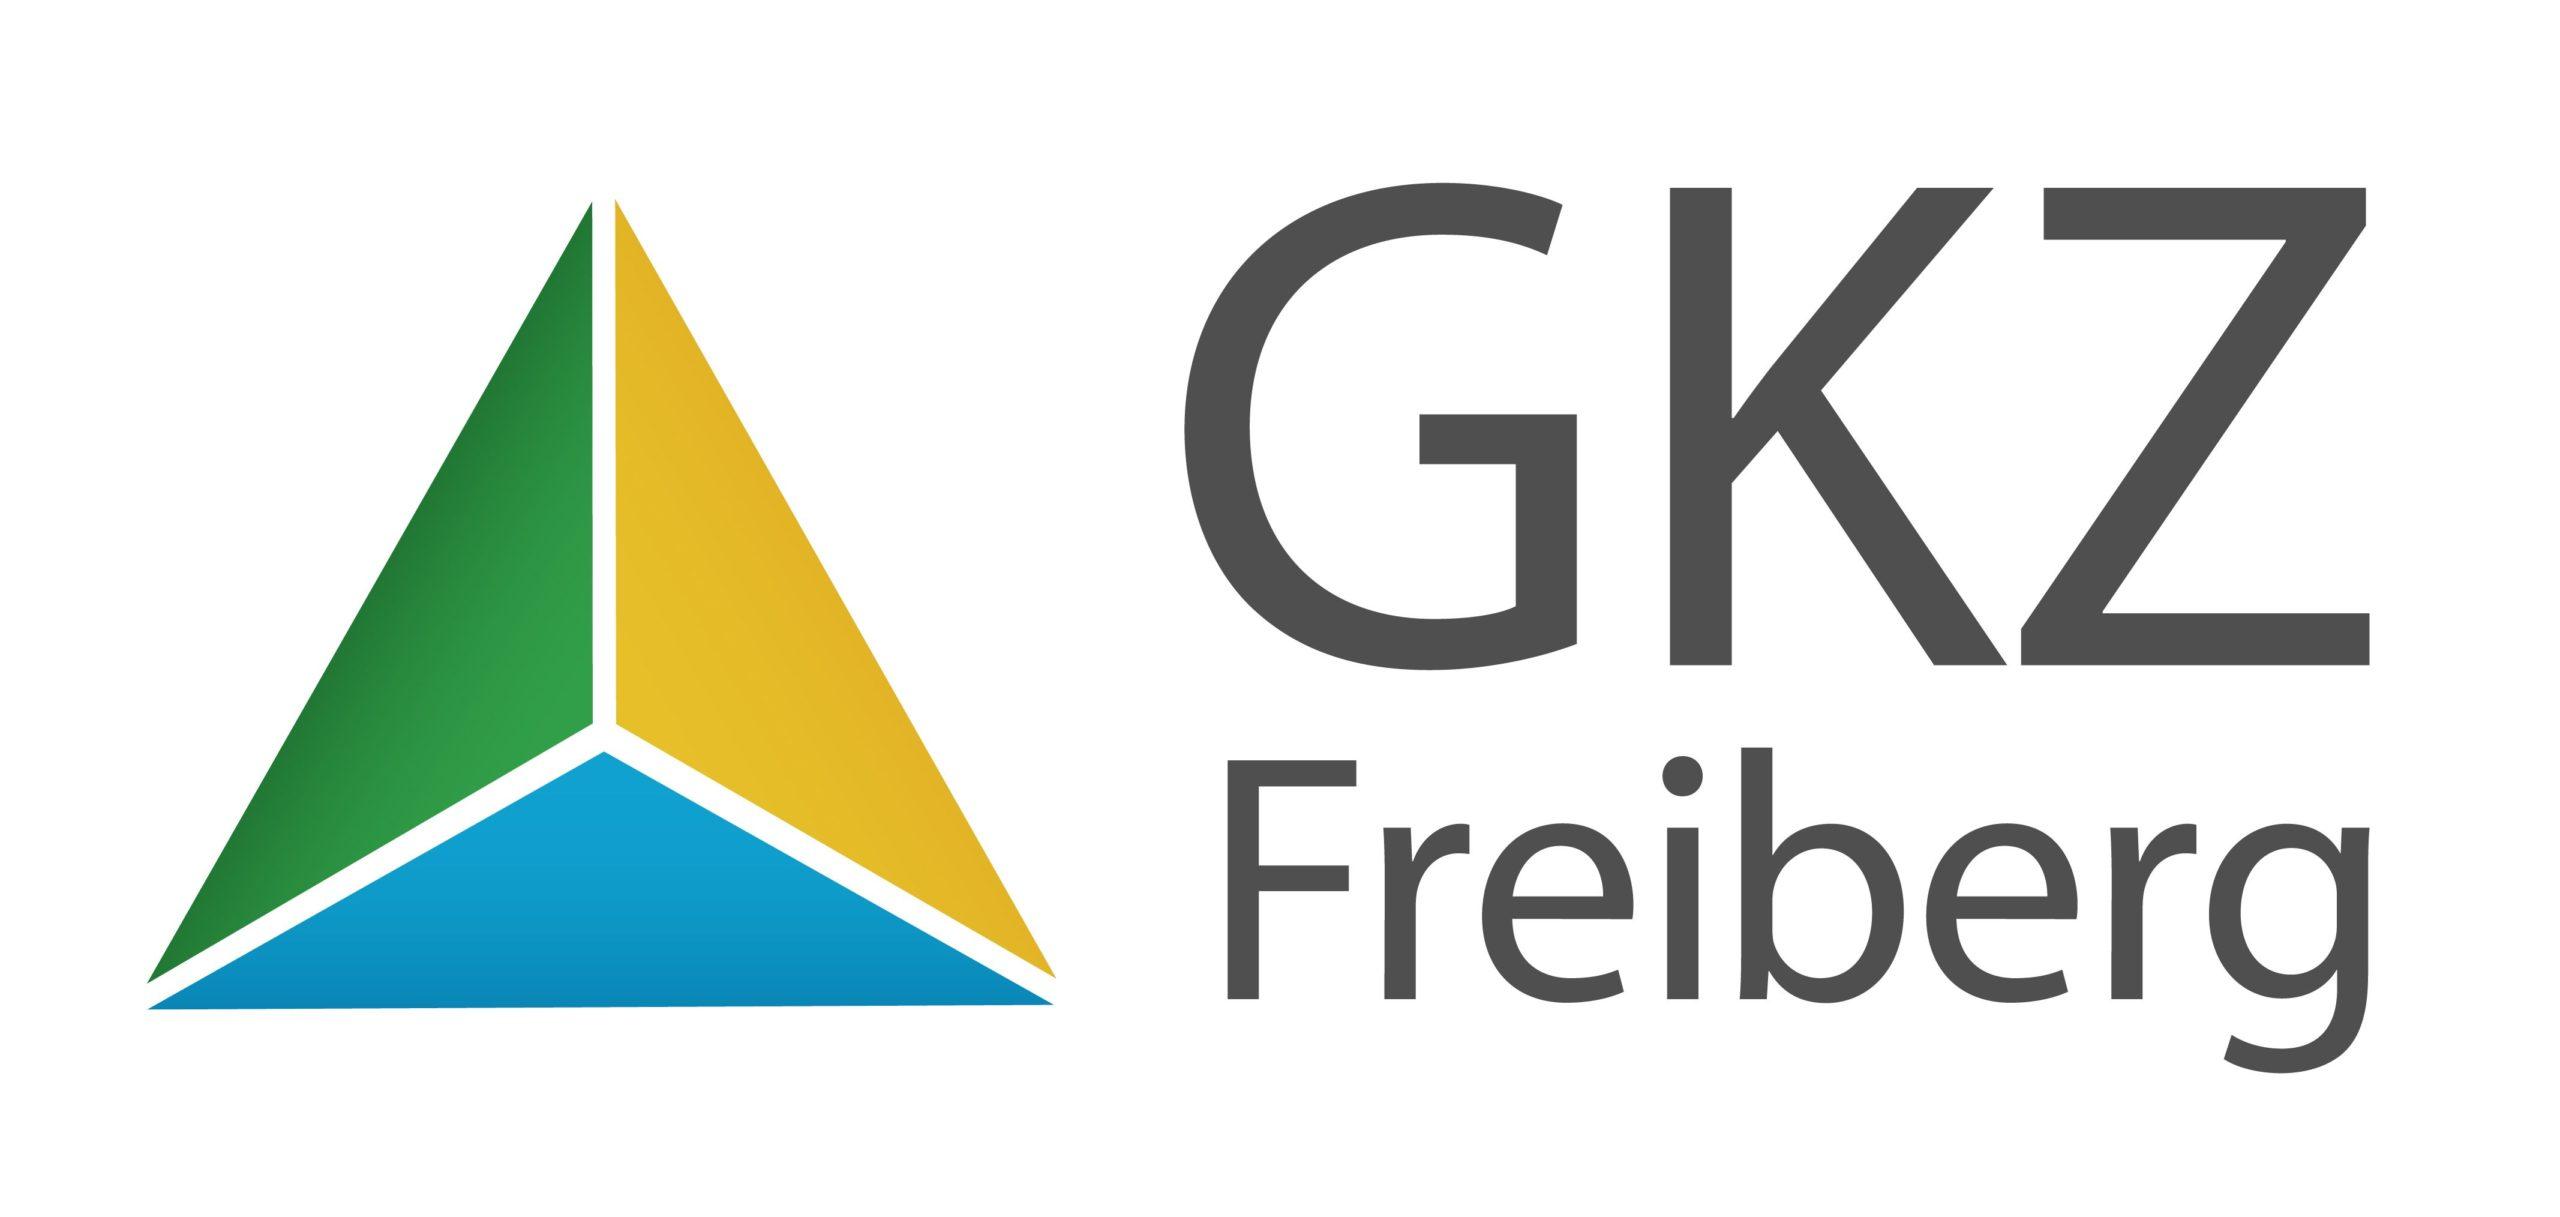 Das Logo des Geokompetenzzentrums Freiberg